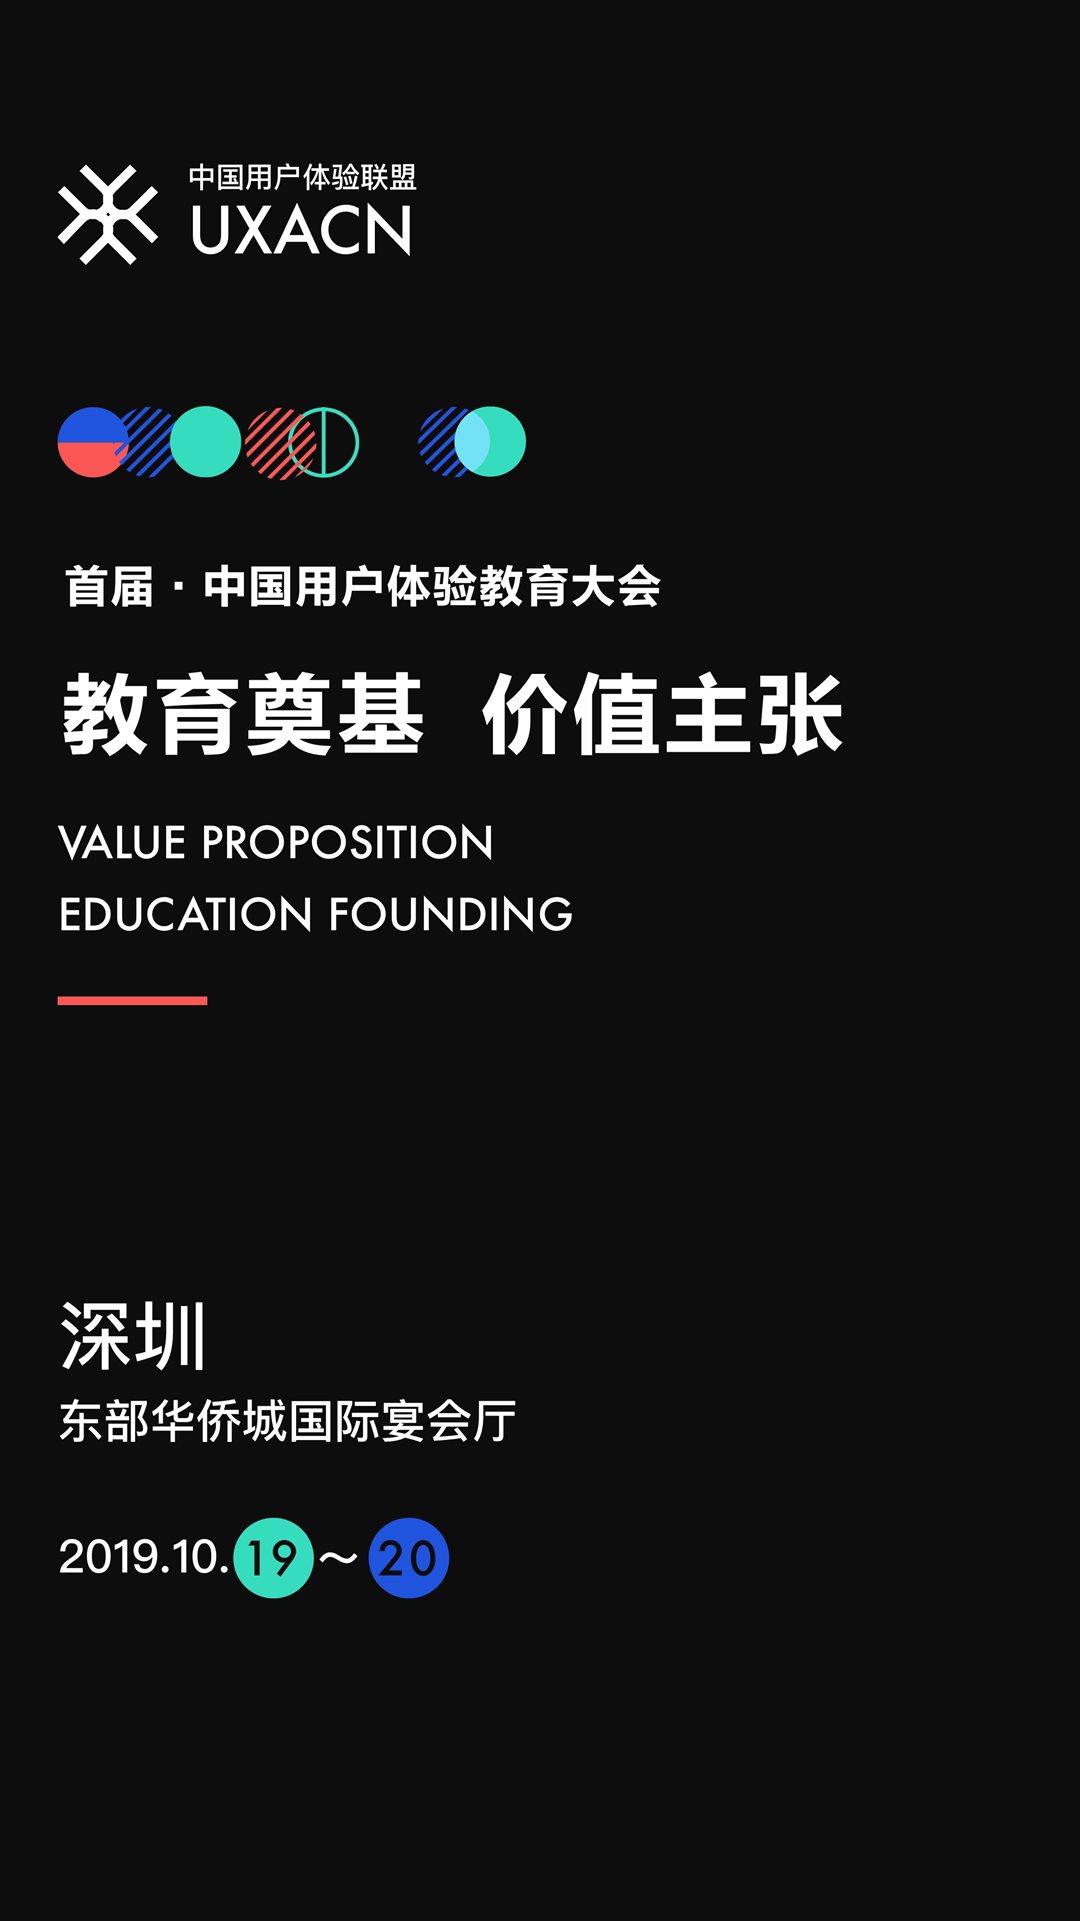 http://www.szminfu.com/tiyuhuodong/24357.html